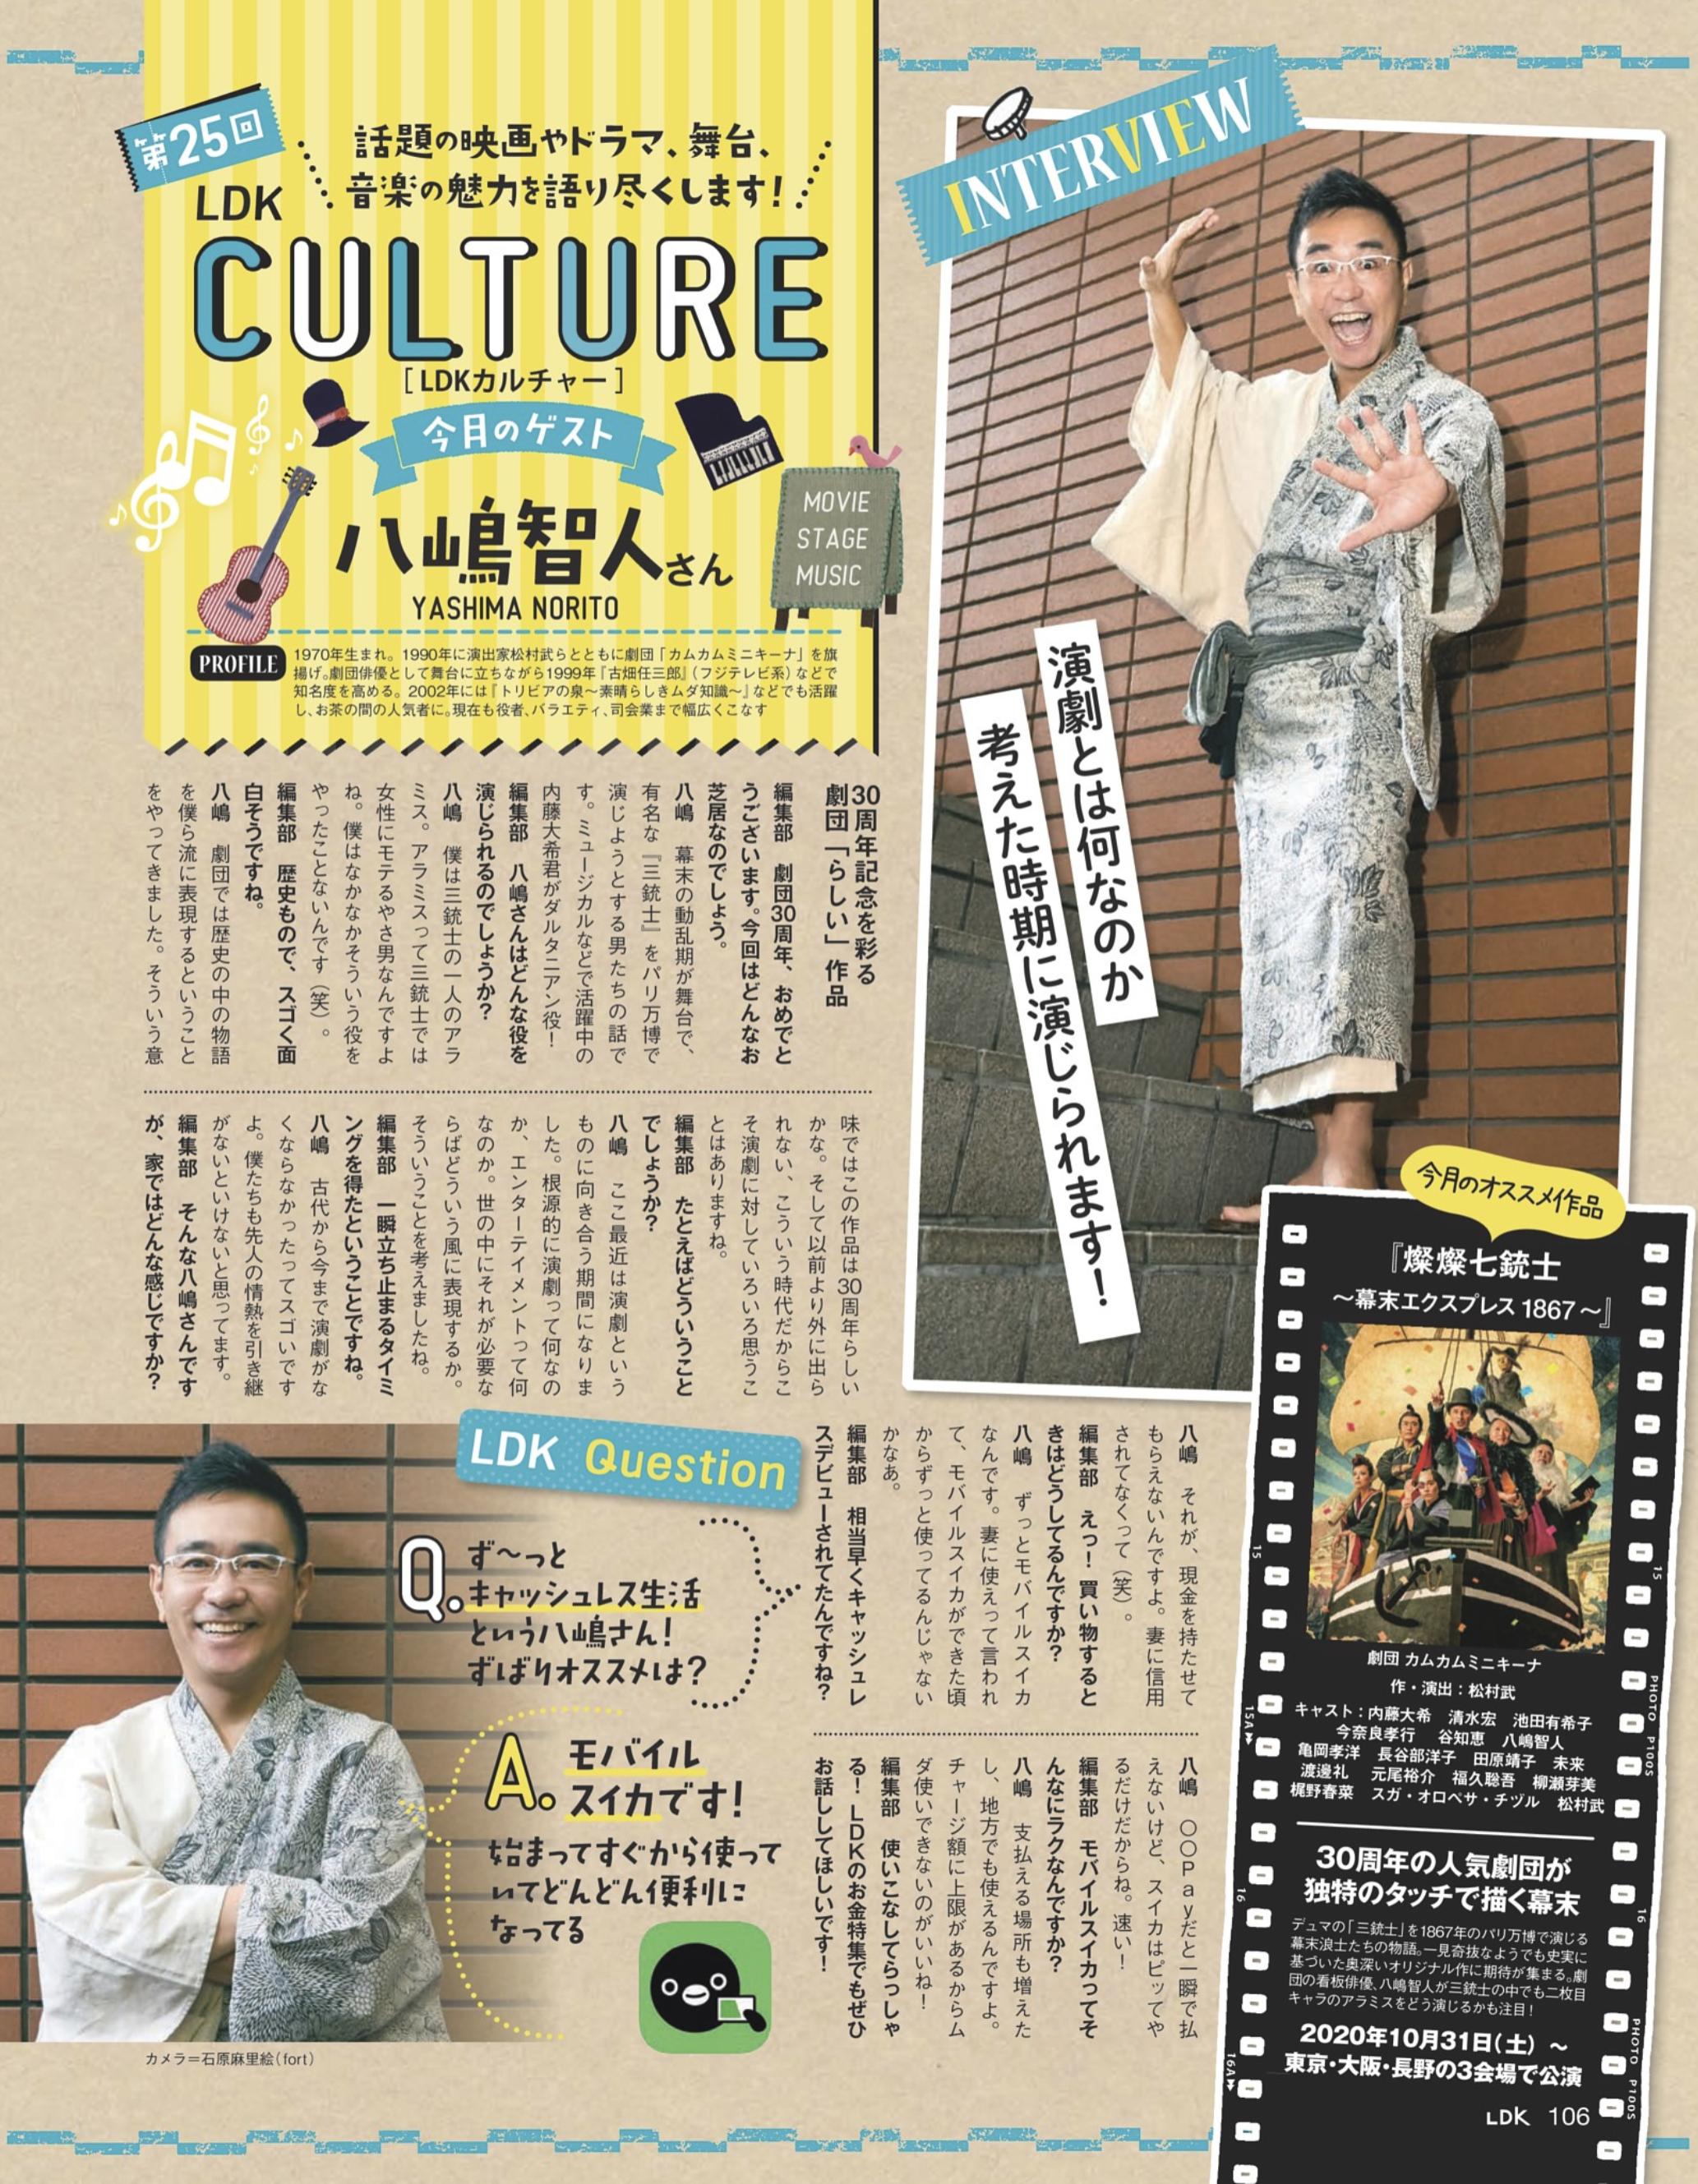 石原麻里絵がLDK 12月号の中ページで八嶋智人さんを撮りおろしました